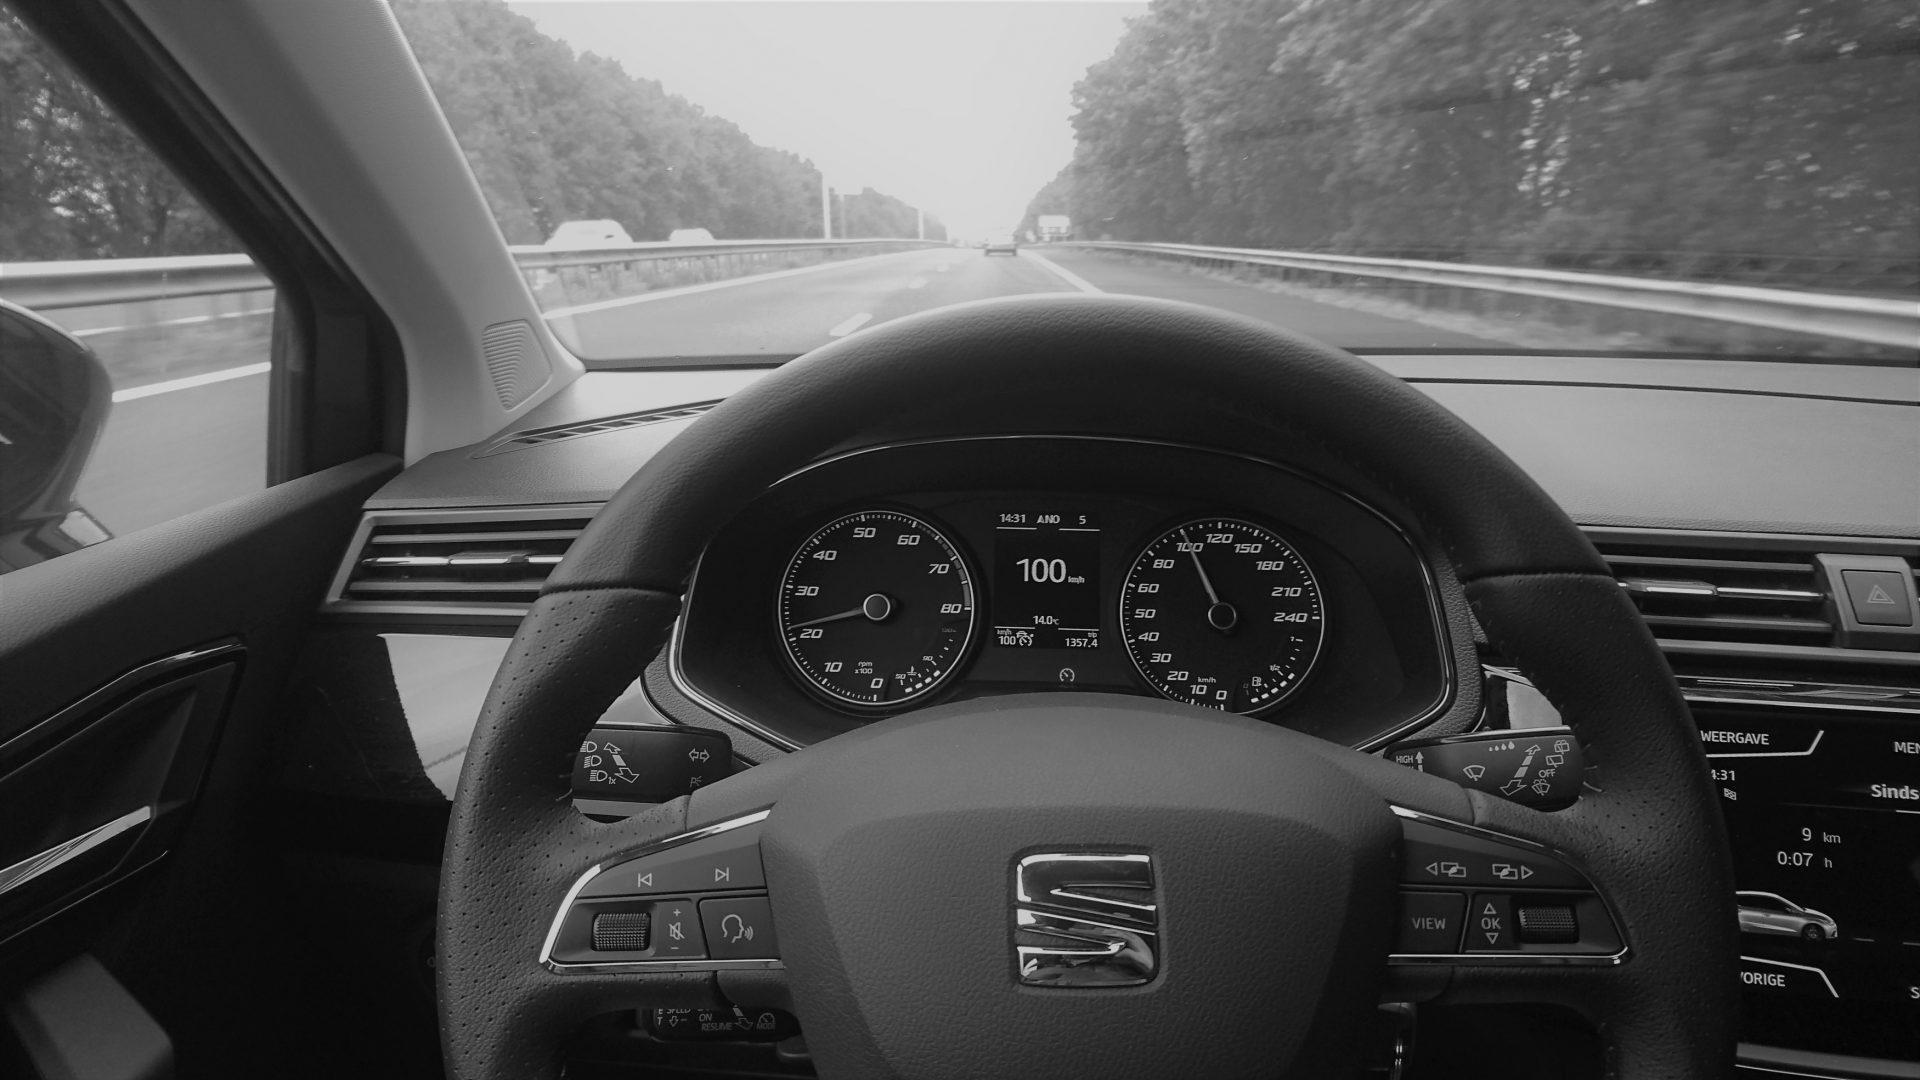 Vožnja s tempomatom